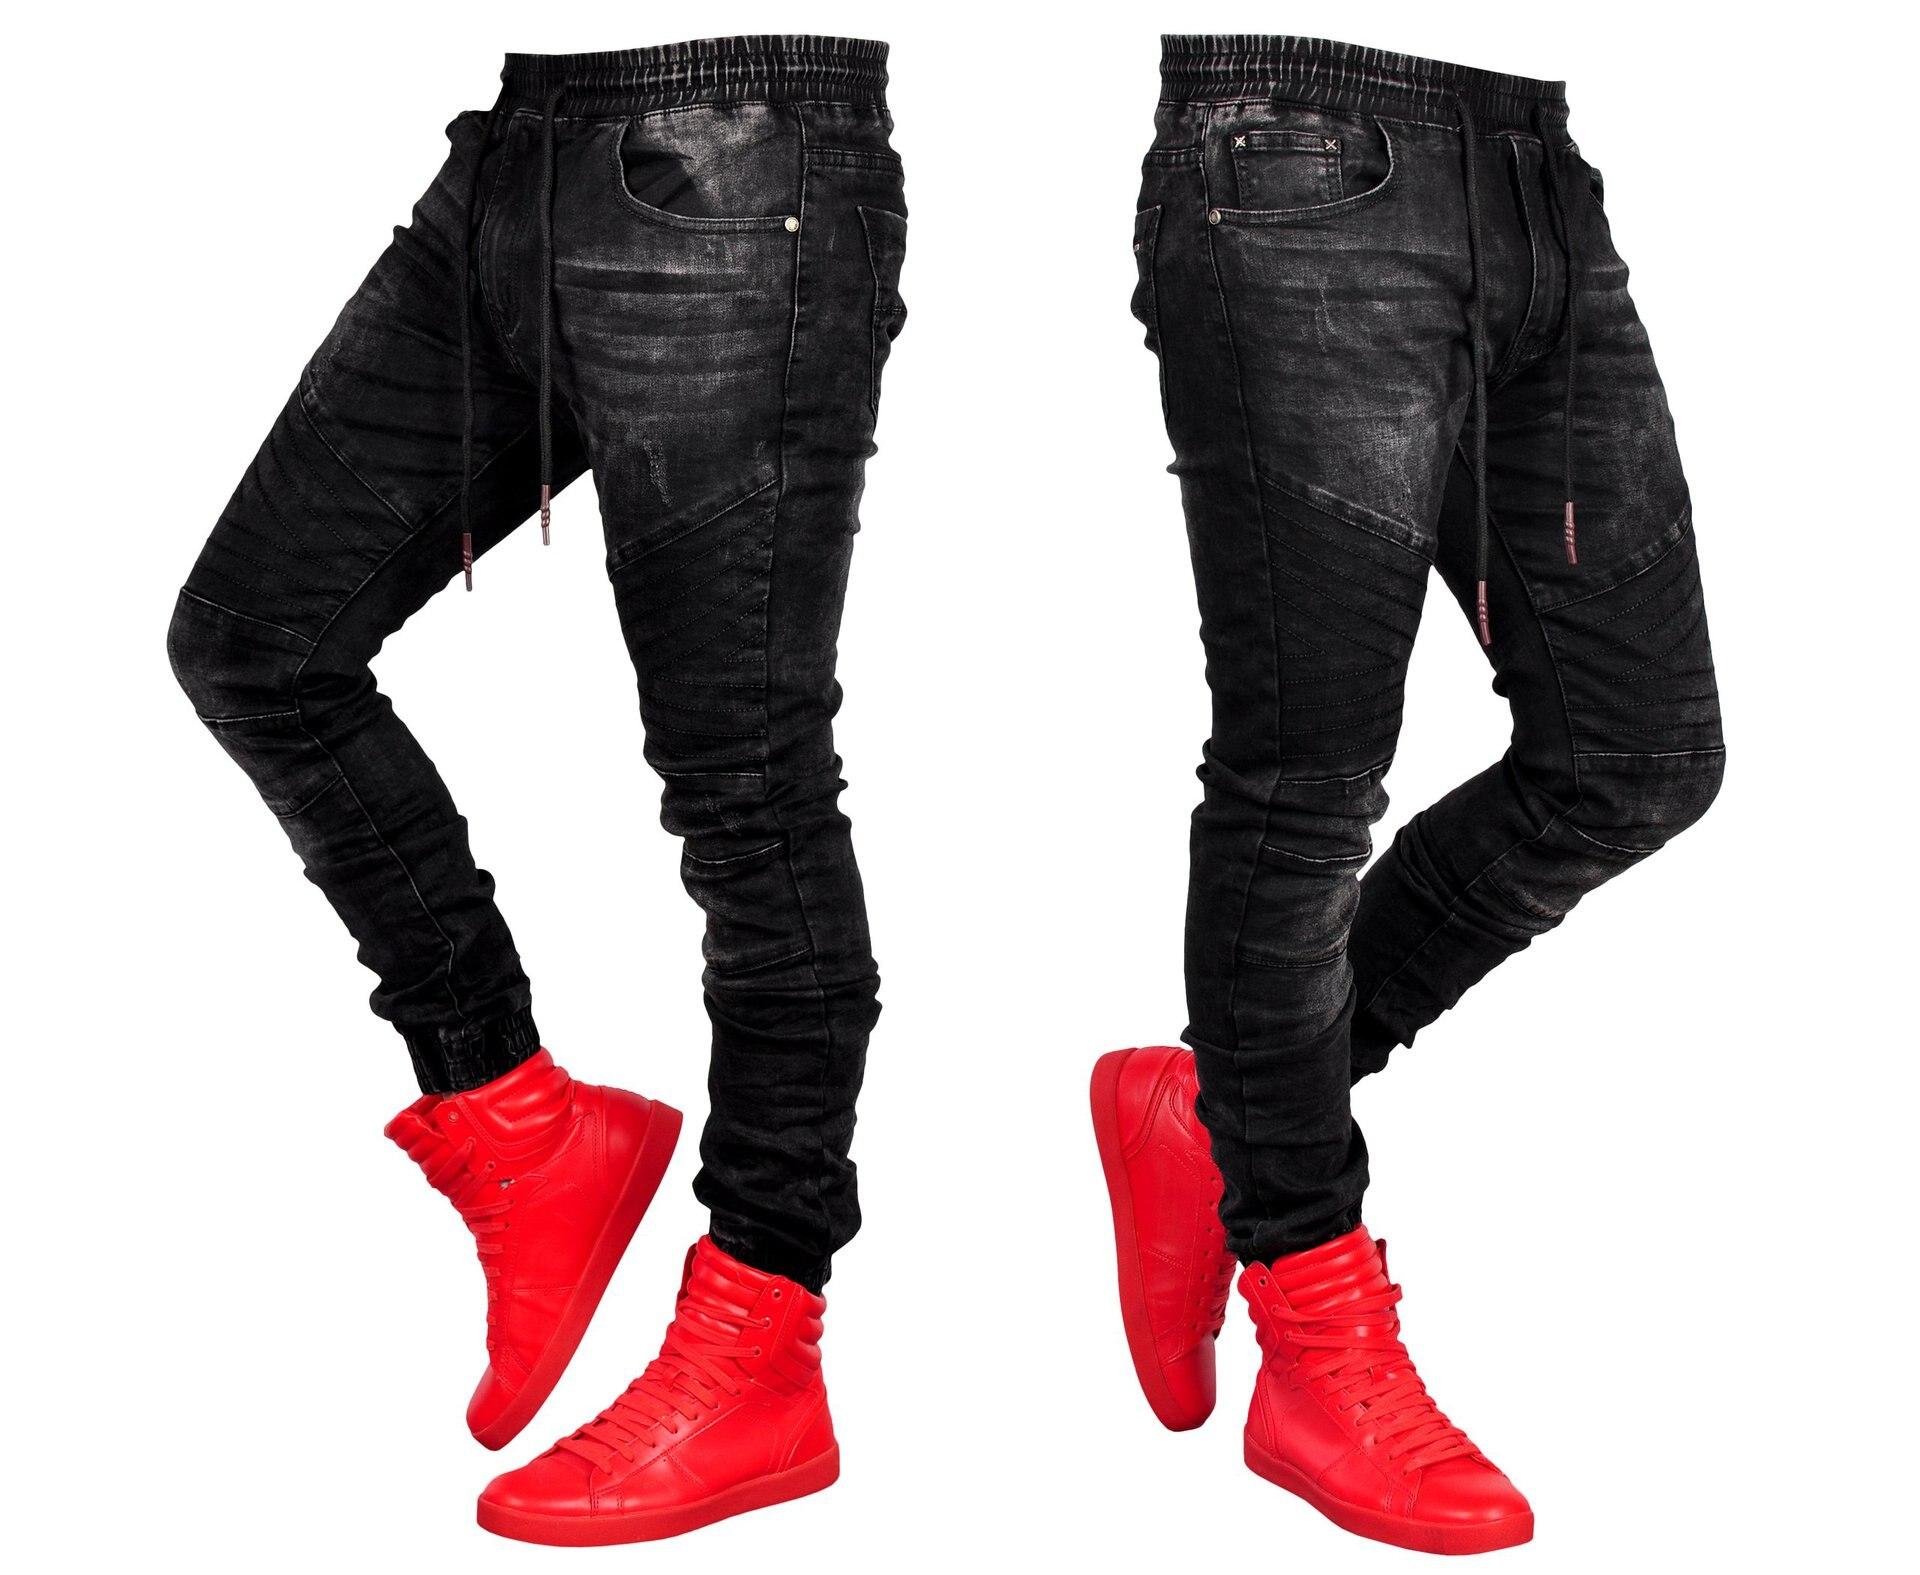 Joggers Jeans Pant Simwood 2019 Pantalon Mezclilla Hombre New Men's Jogger Fashion Vaquero Hombre Elastic Waist Black Jeans Men